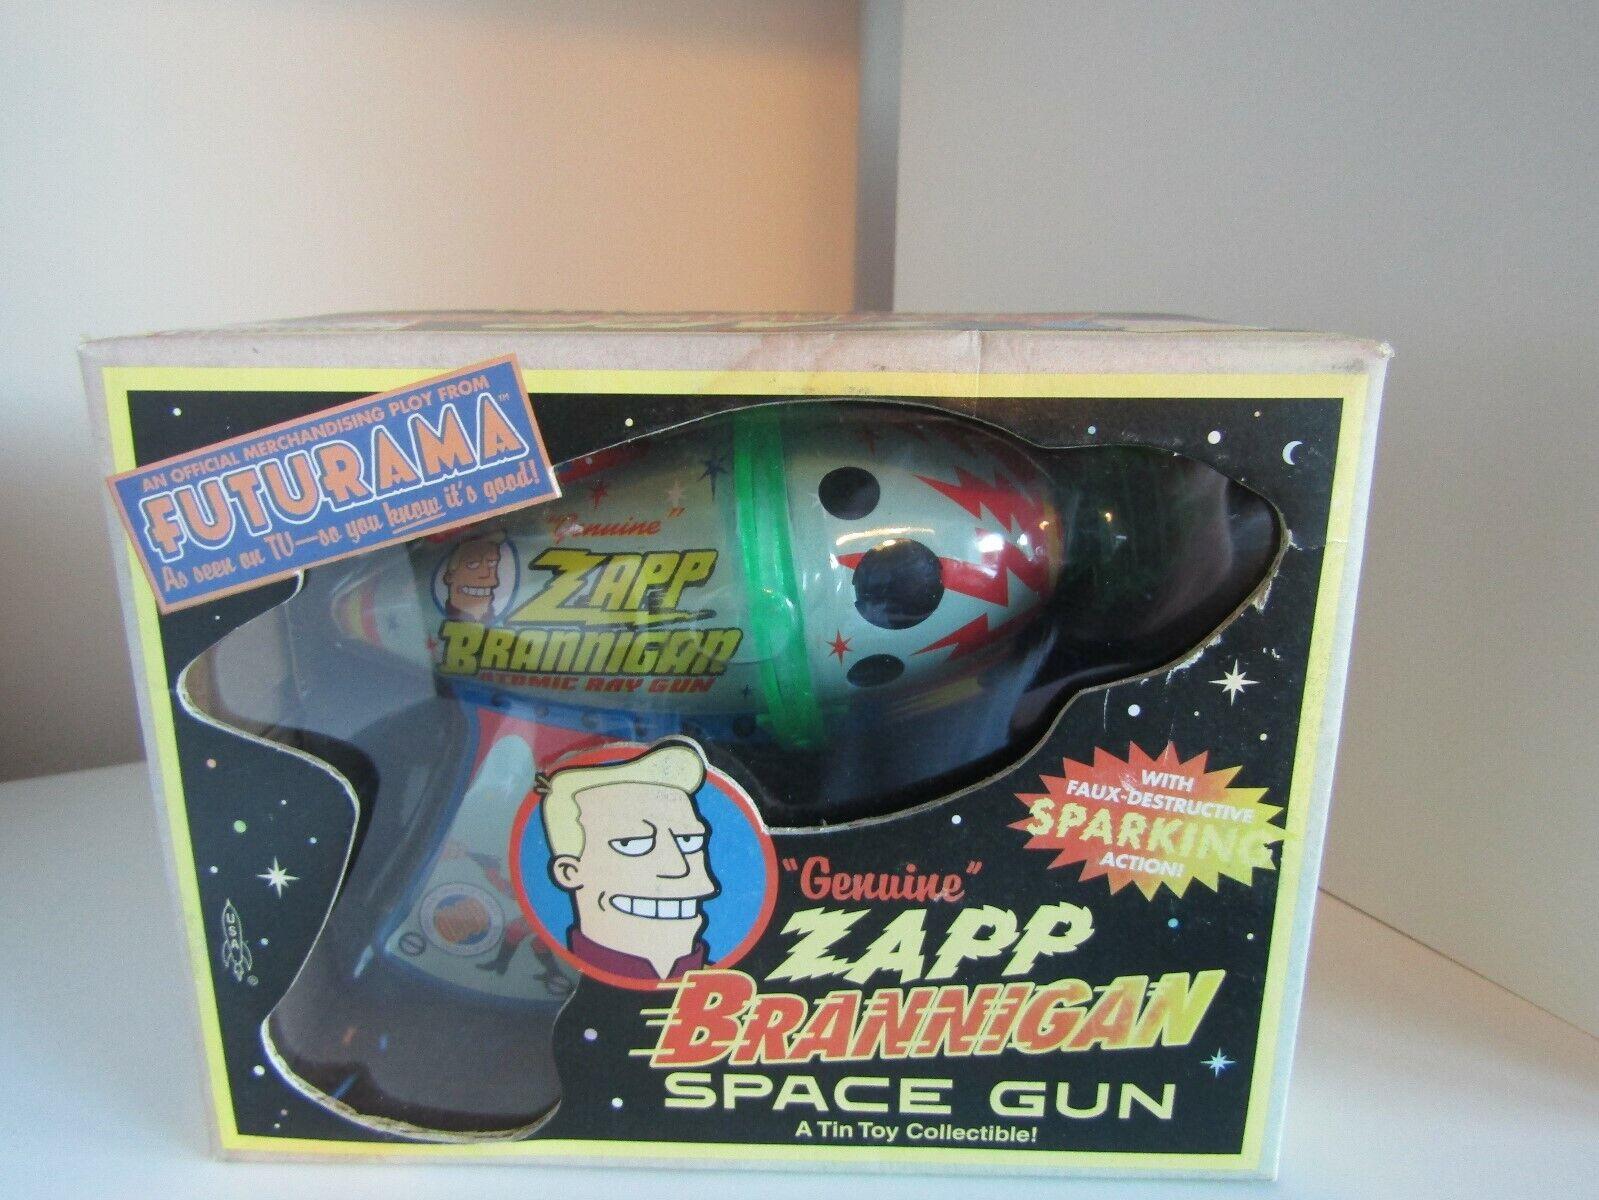 Futurama - Zapp Brannigan - Space Gun - Rocket USA - Boxed - Tin Toy Collectable